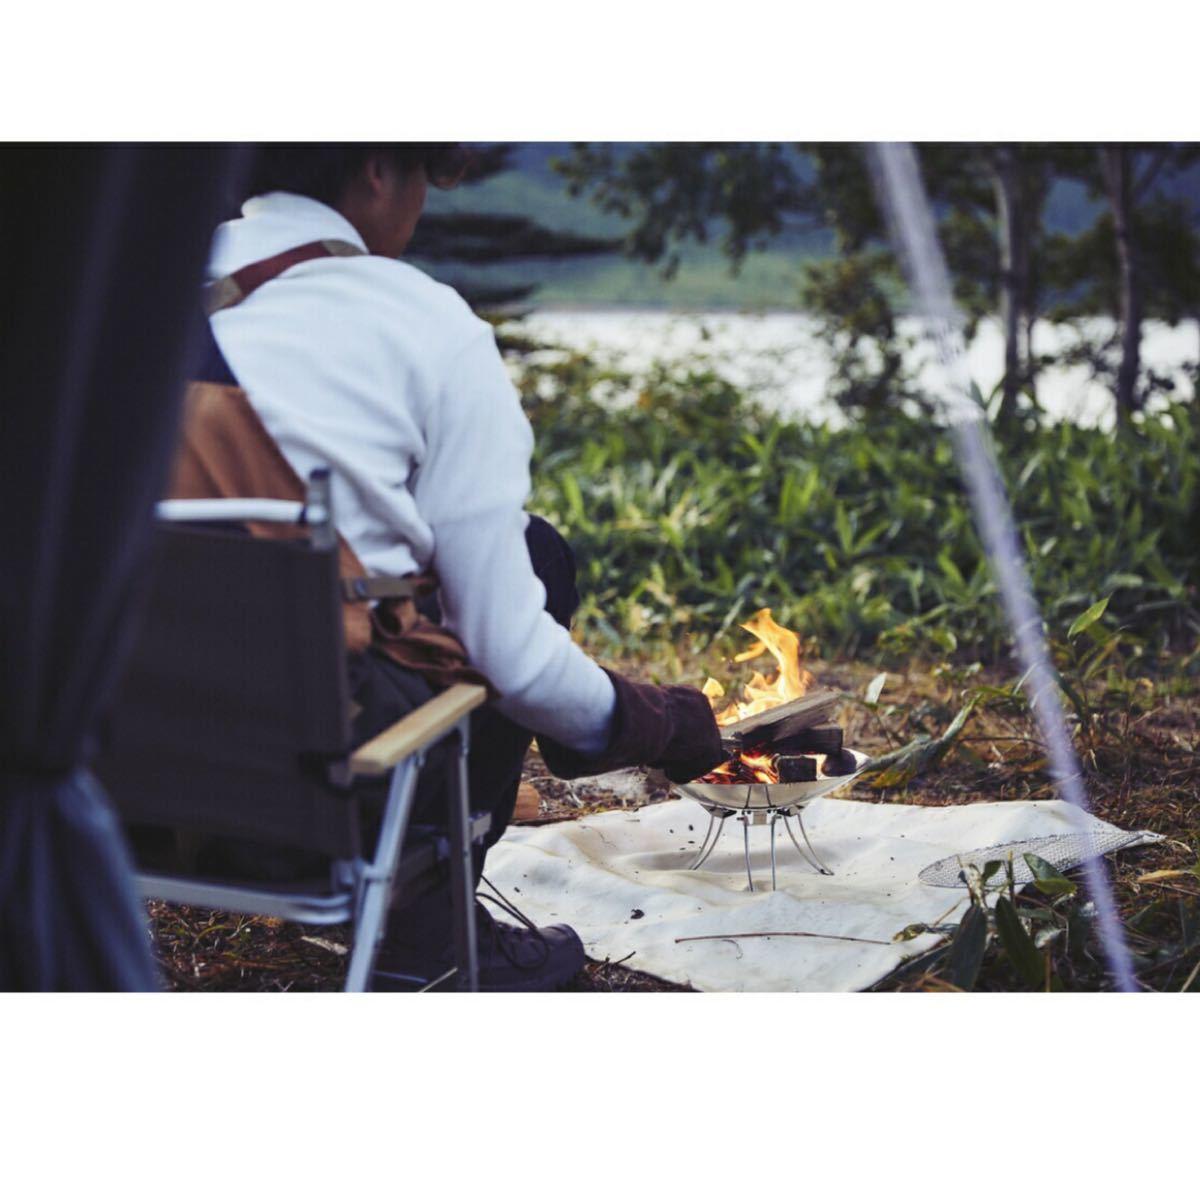 コールマン COLEMAN ファイアーディスクソロ キャンプ用品 焚き火 新品未使用